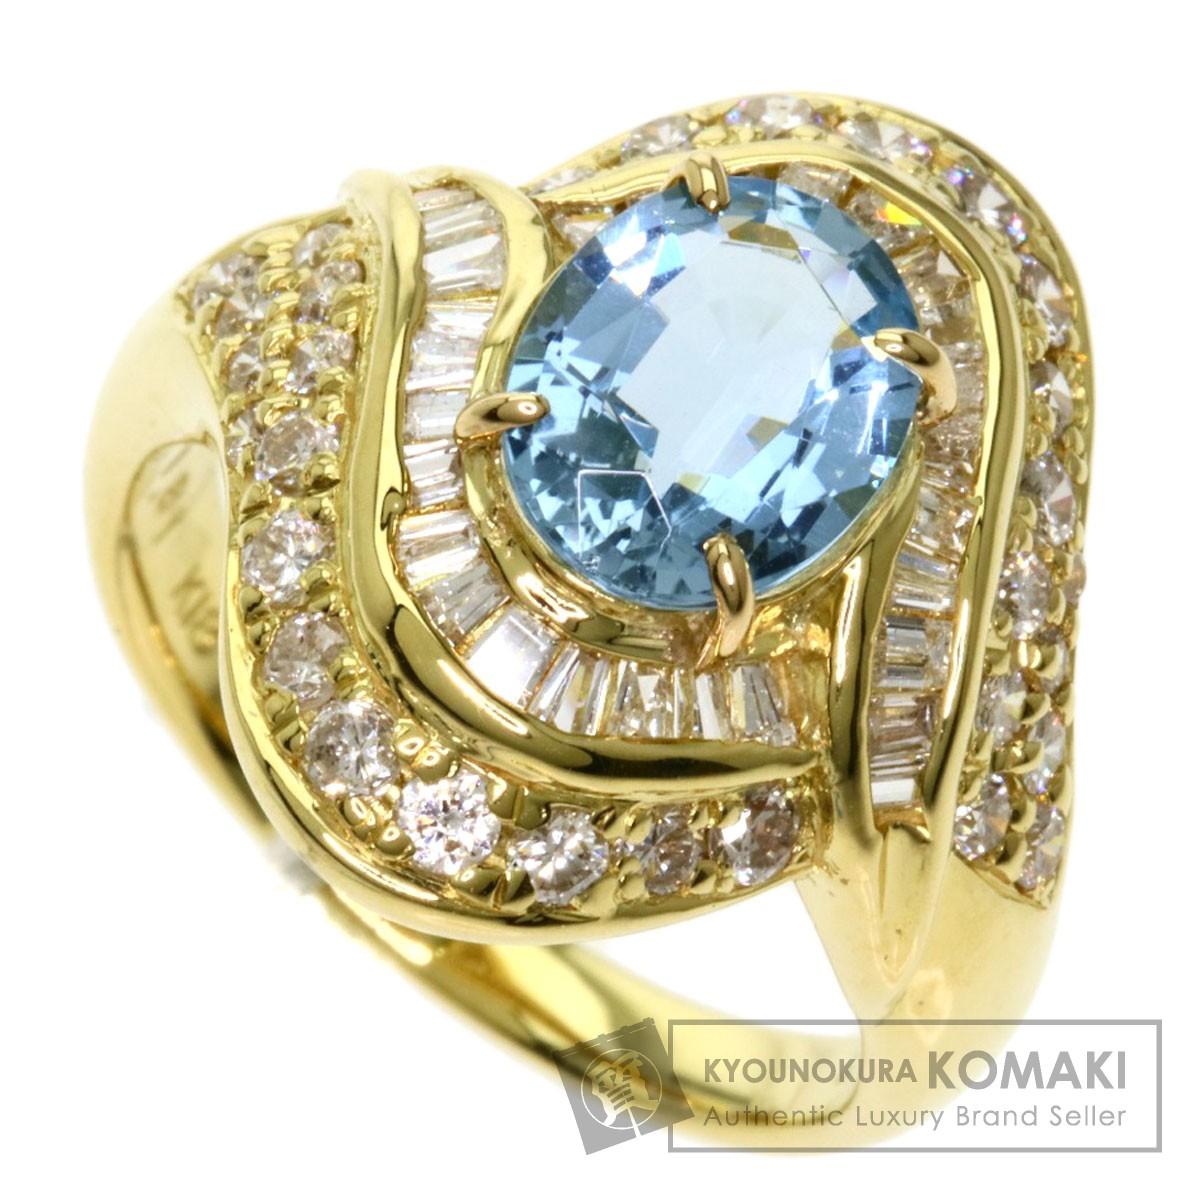 アクアマリン ダイヤモンド リング・指輪 K18イエローゴールド レディース 【中古】